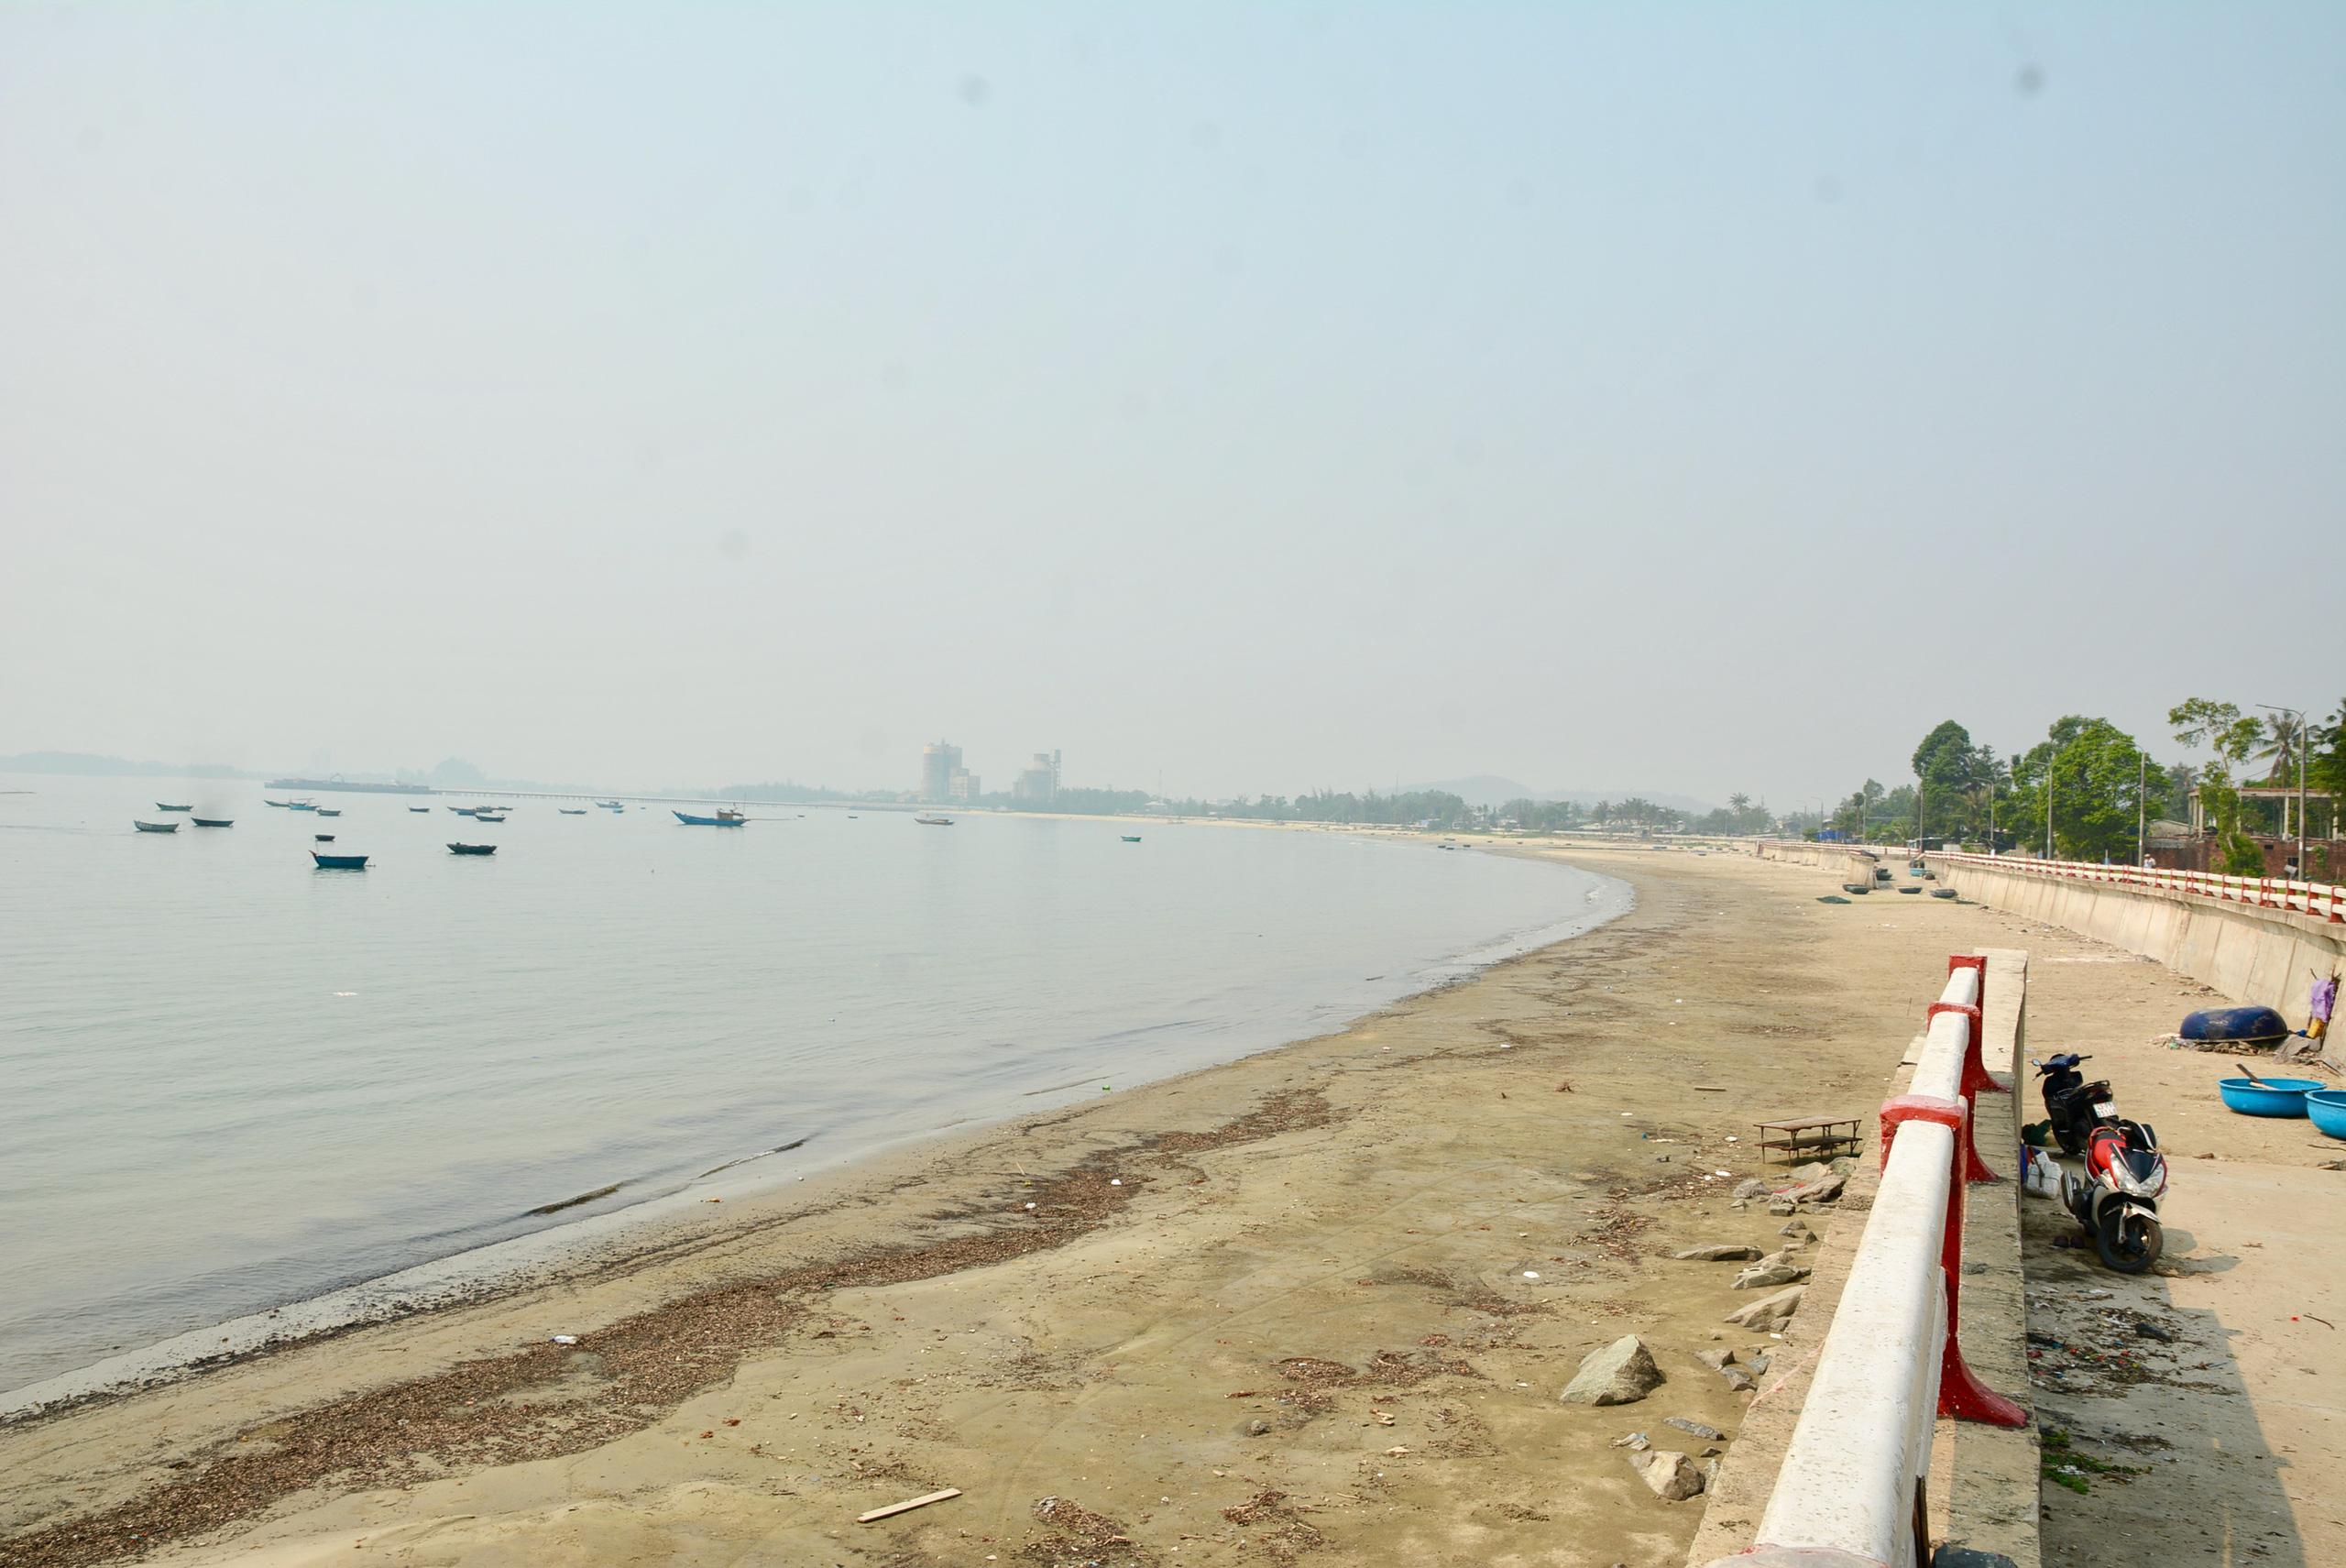 Đầu tư 500 tỷ đồng làm đường ven biển Nguyễn Tất Thành đến cảng Liên Chiểu Đà Nẵng - Ảnh 1.